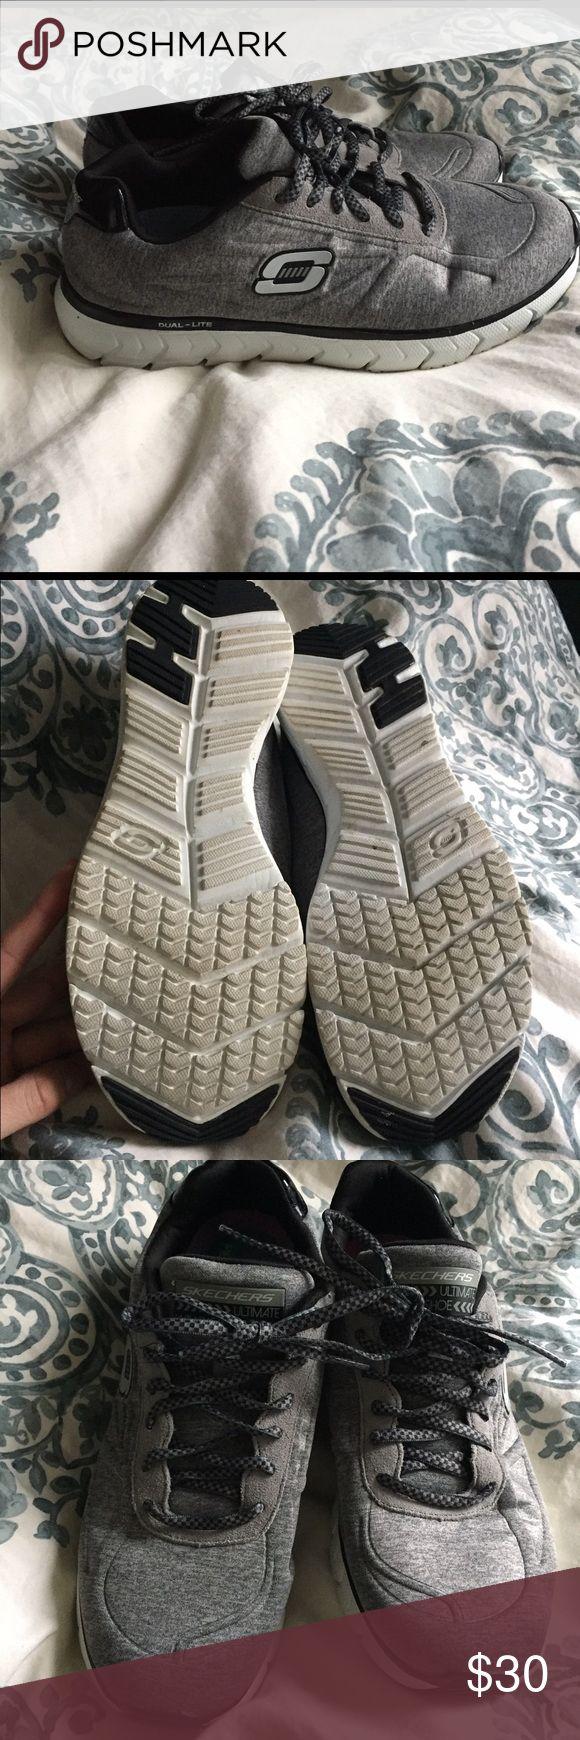 Skechers memory foam sneakers Skechers memory foam stability gel sneakers. Worn once. Size 8 run a little big. Unbelievably comfortable let new condition. Skechers Shoes Sneakers